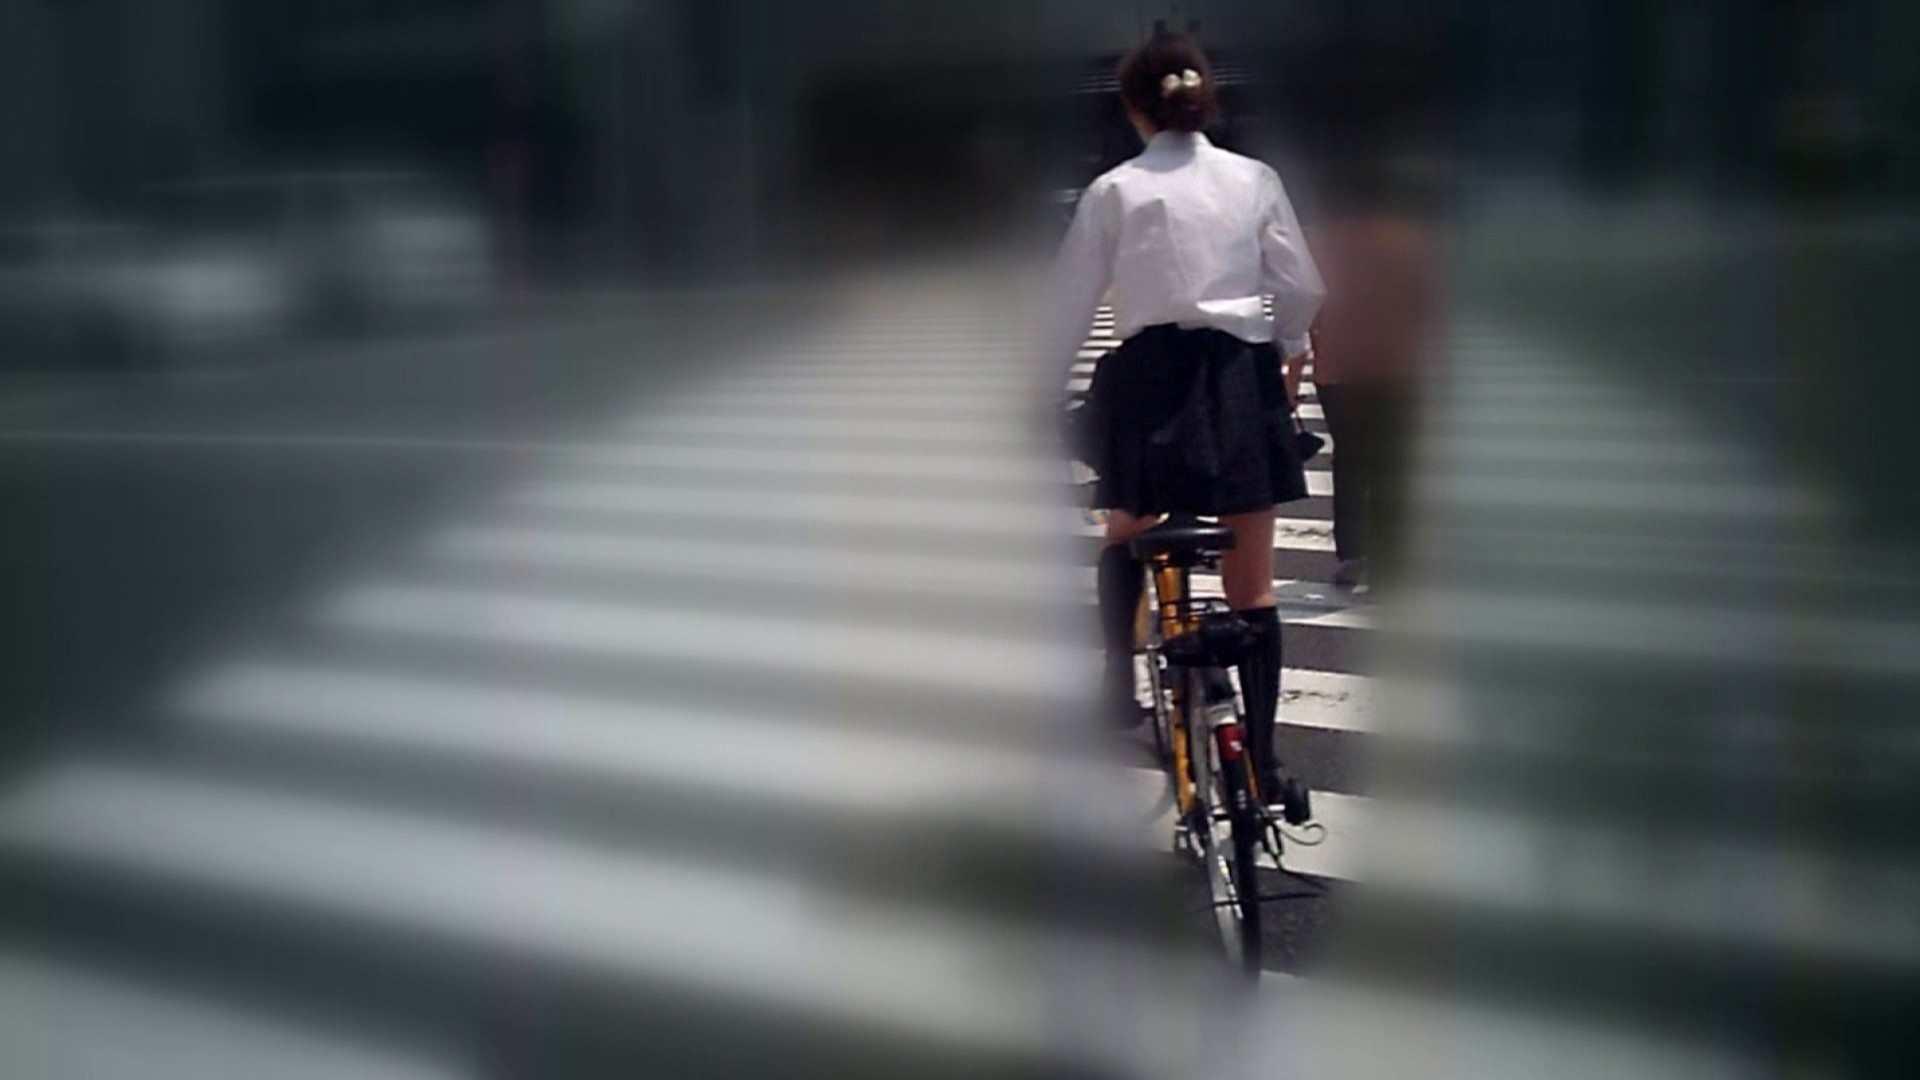 自転車パンチラ Vol.05 おしり祭り セックス画像 59画像 35